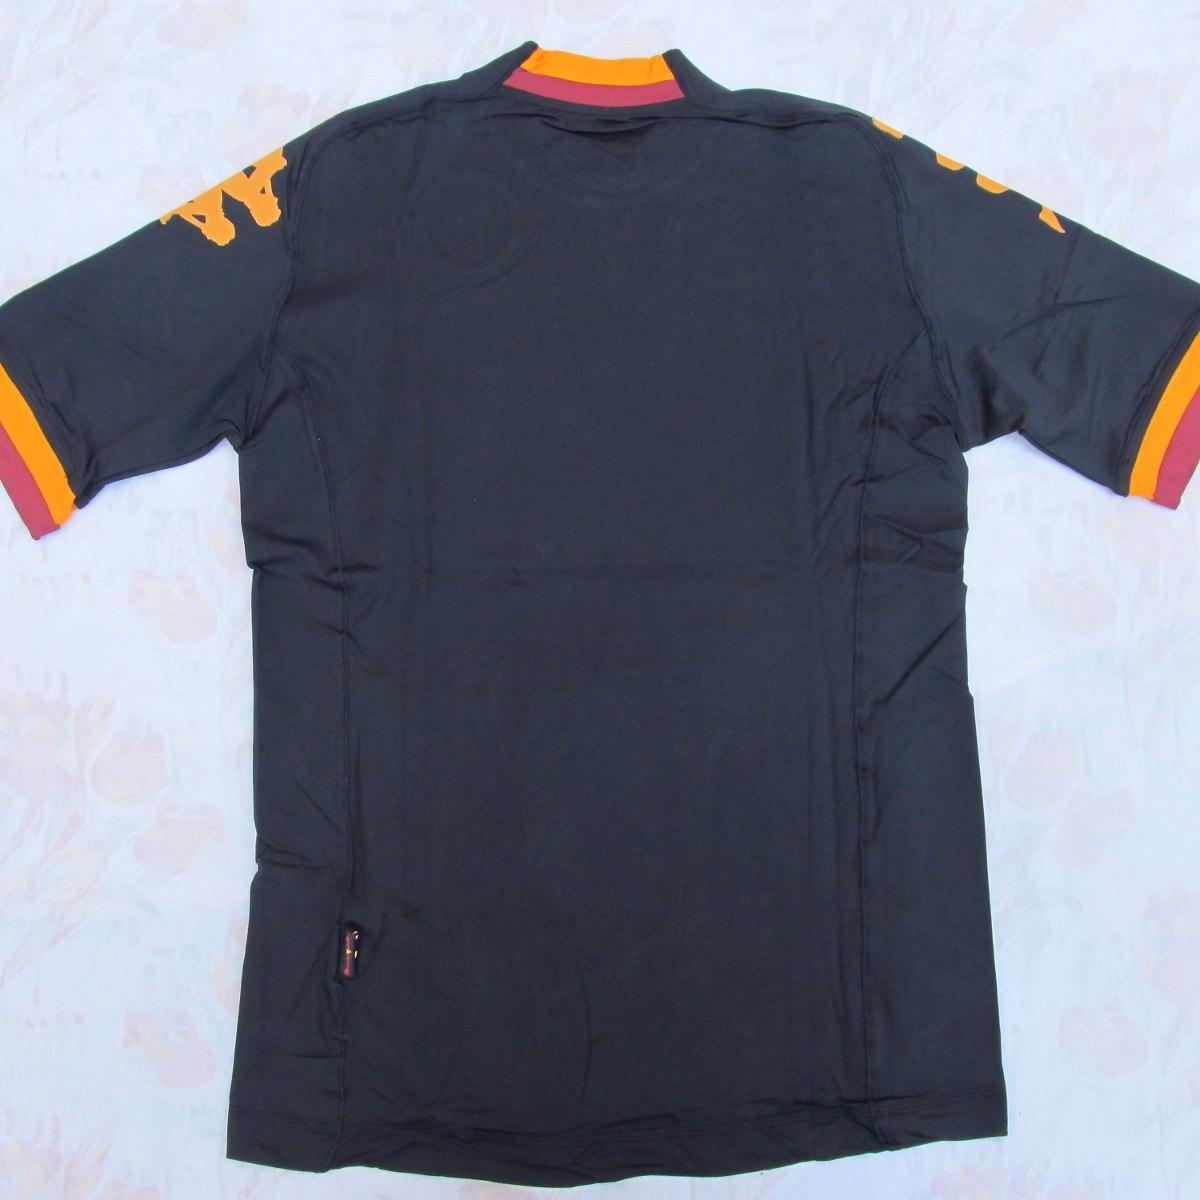 f4714e2c8e 302pg80 Camisa Kappa Roma Third 12 13 G Jogador Fn1608 - R  1.499